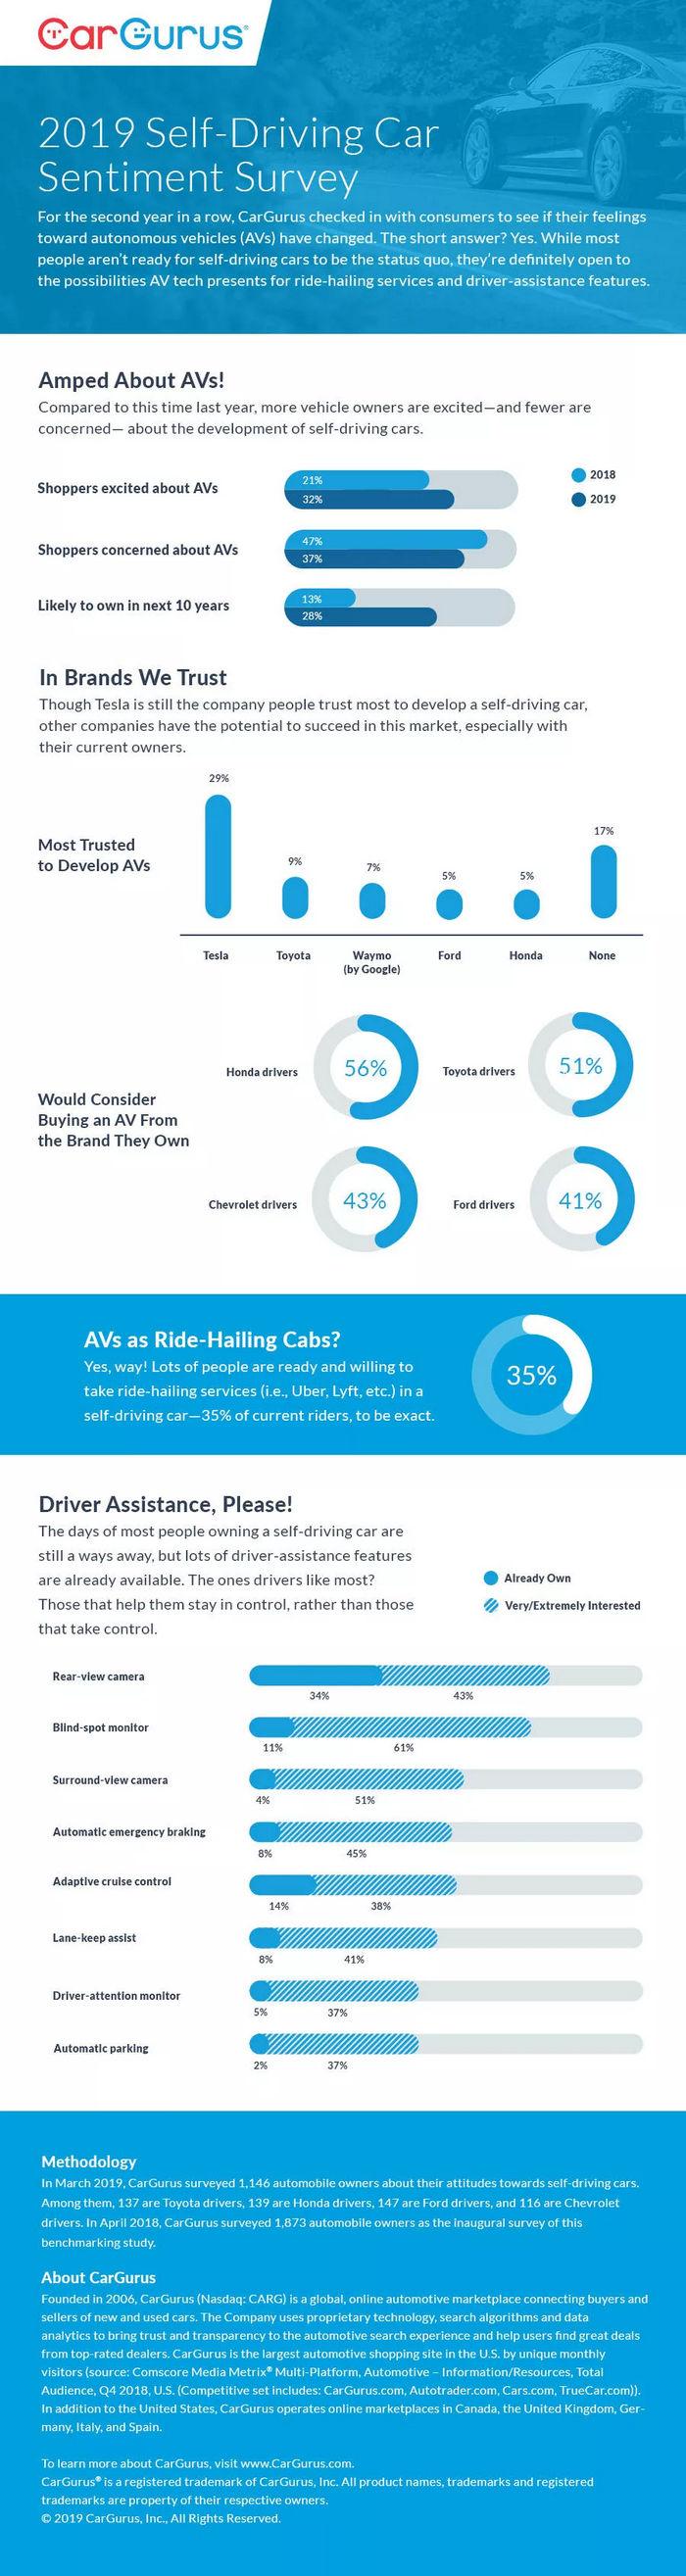 调查显示:美国车主更看好自动驾驶汽车